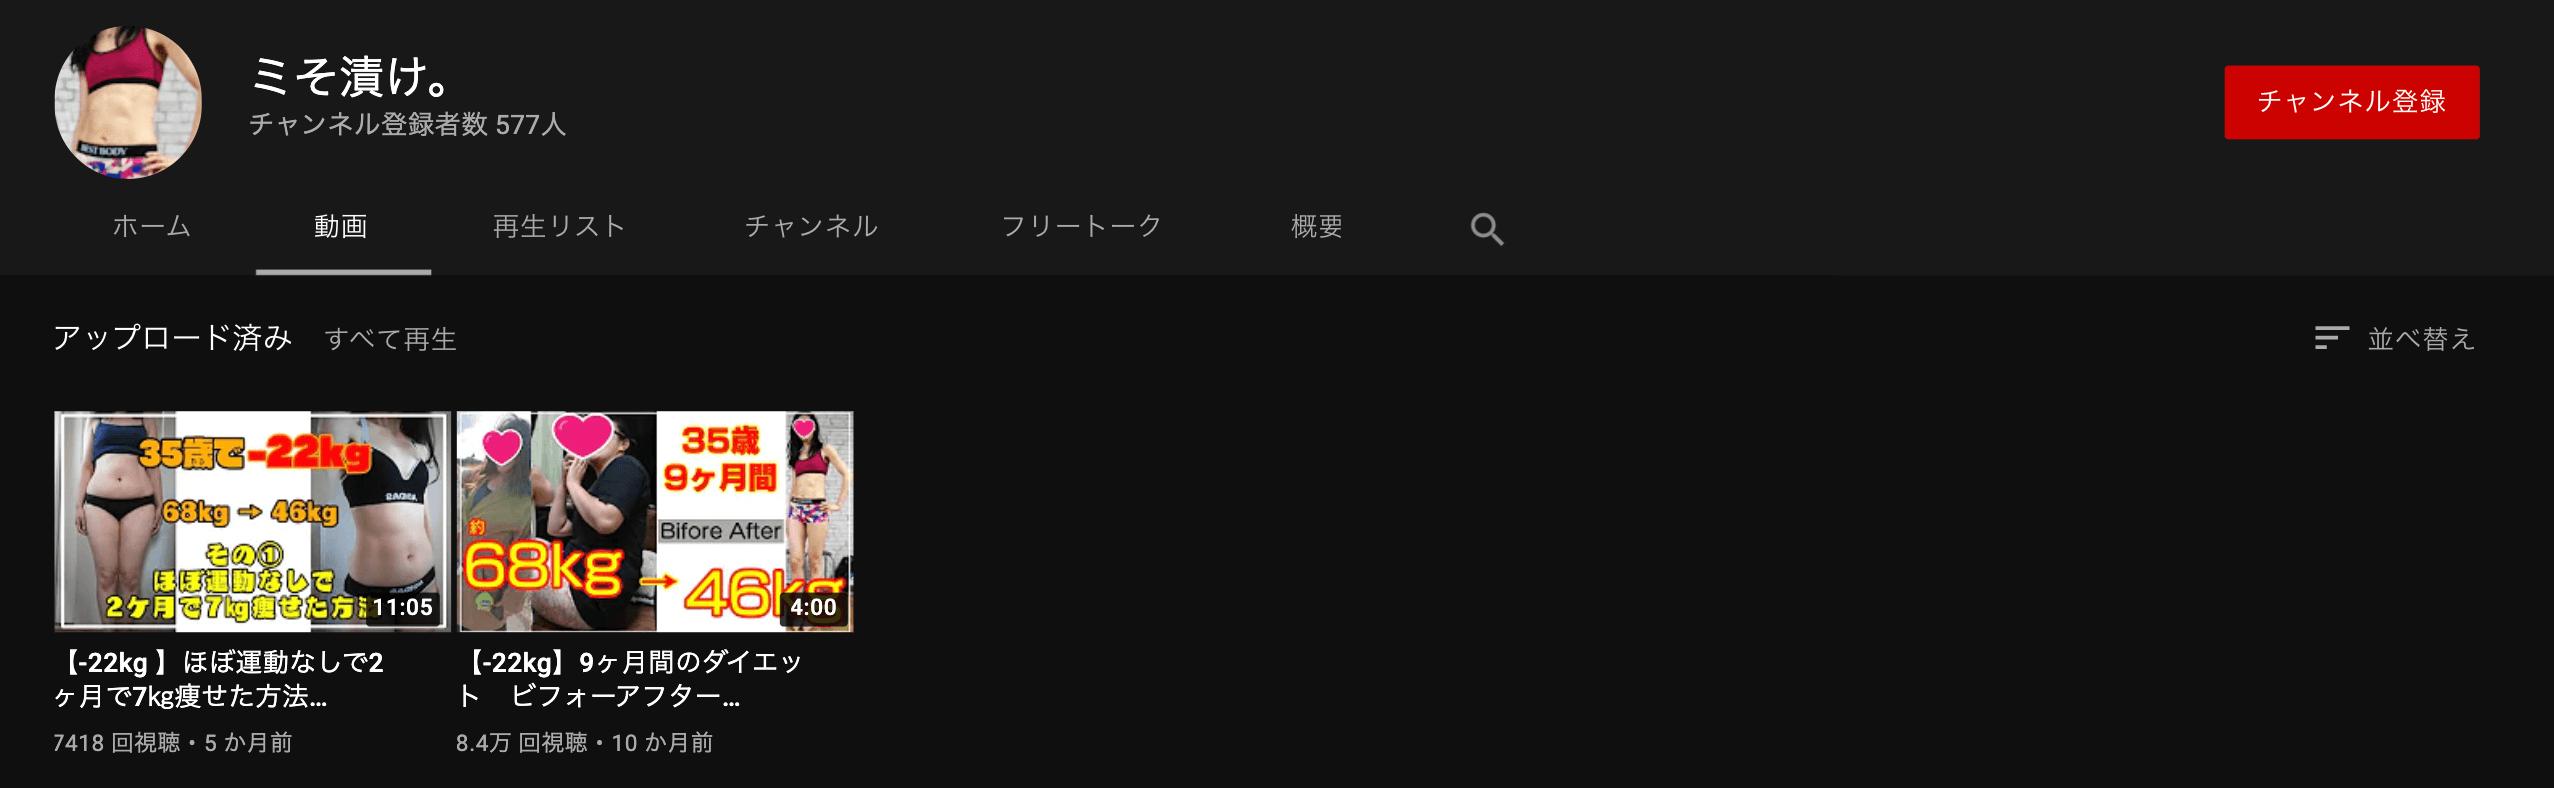 youtube-misoxuke-channel